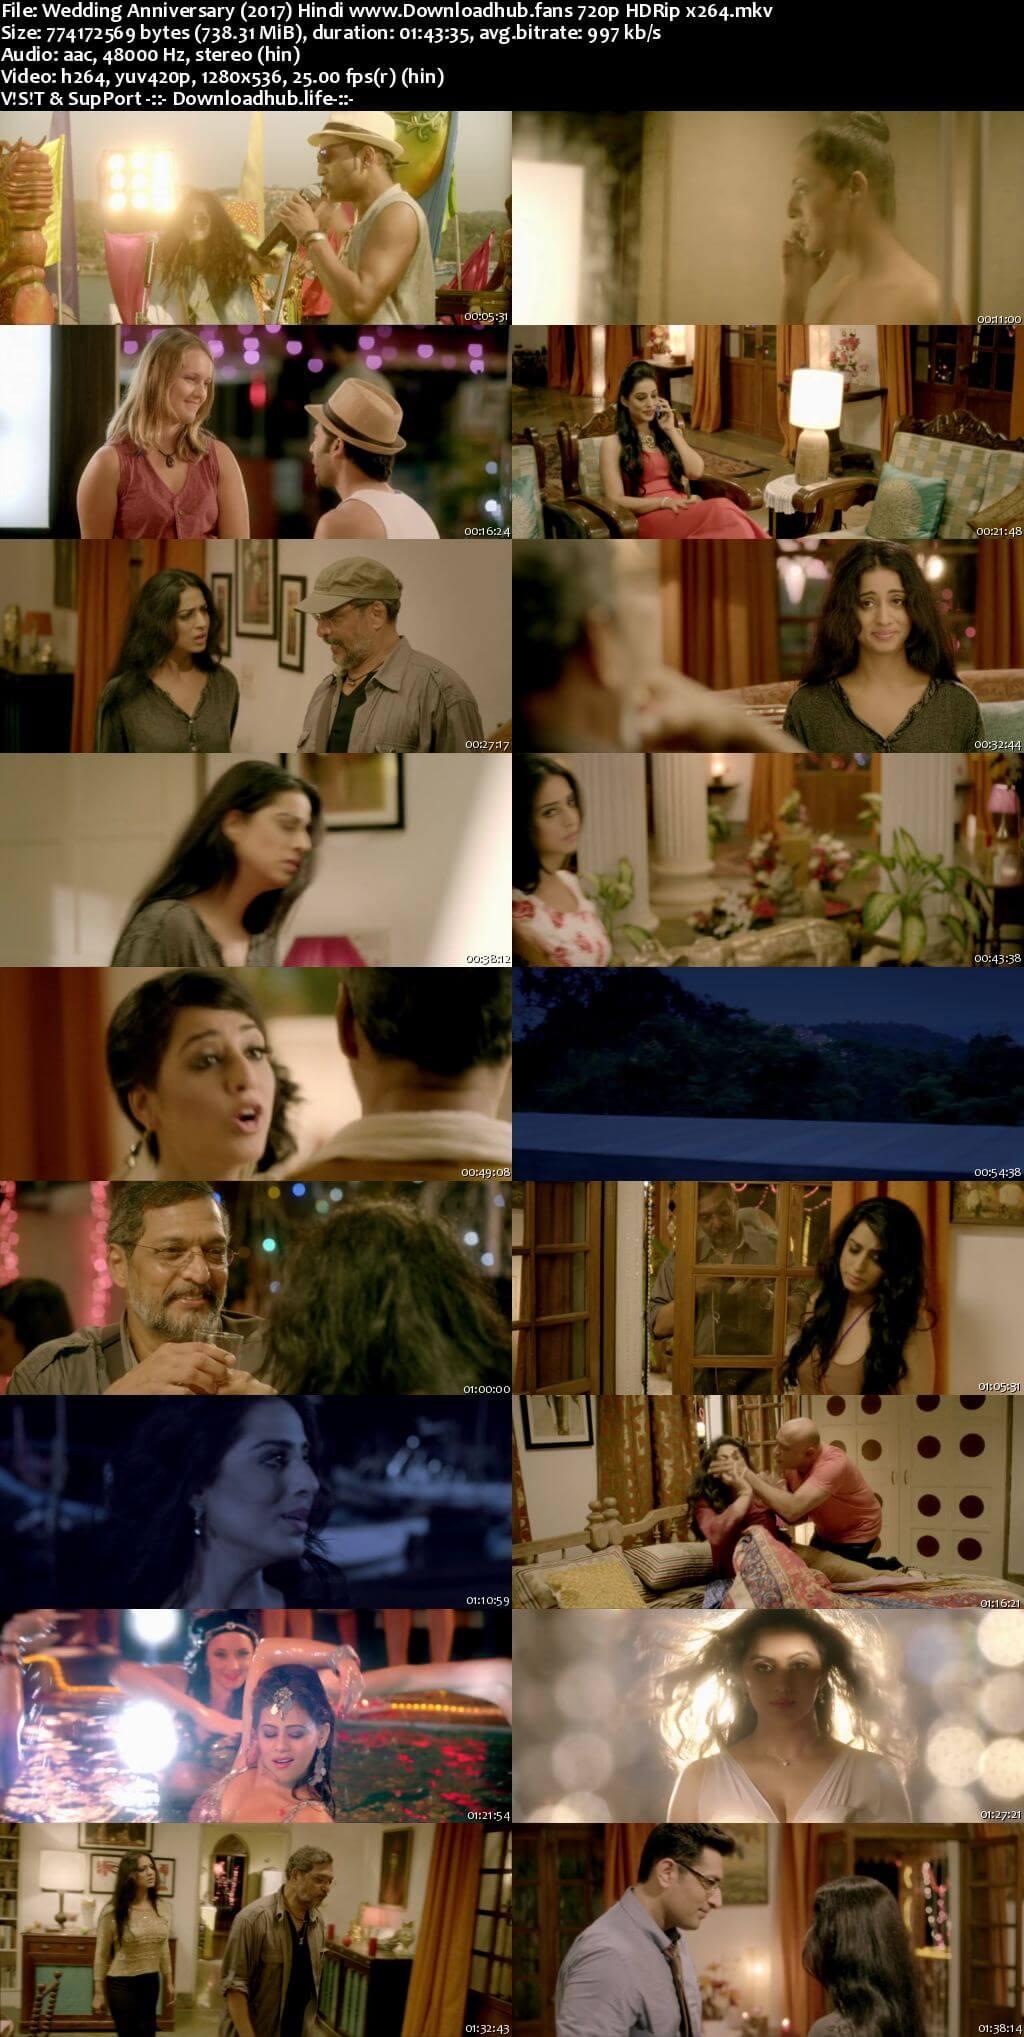 Wedding Anniversary 2017 Hindi 720p HDRip x264